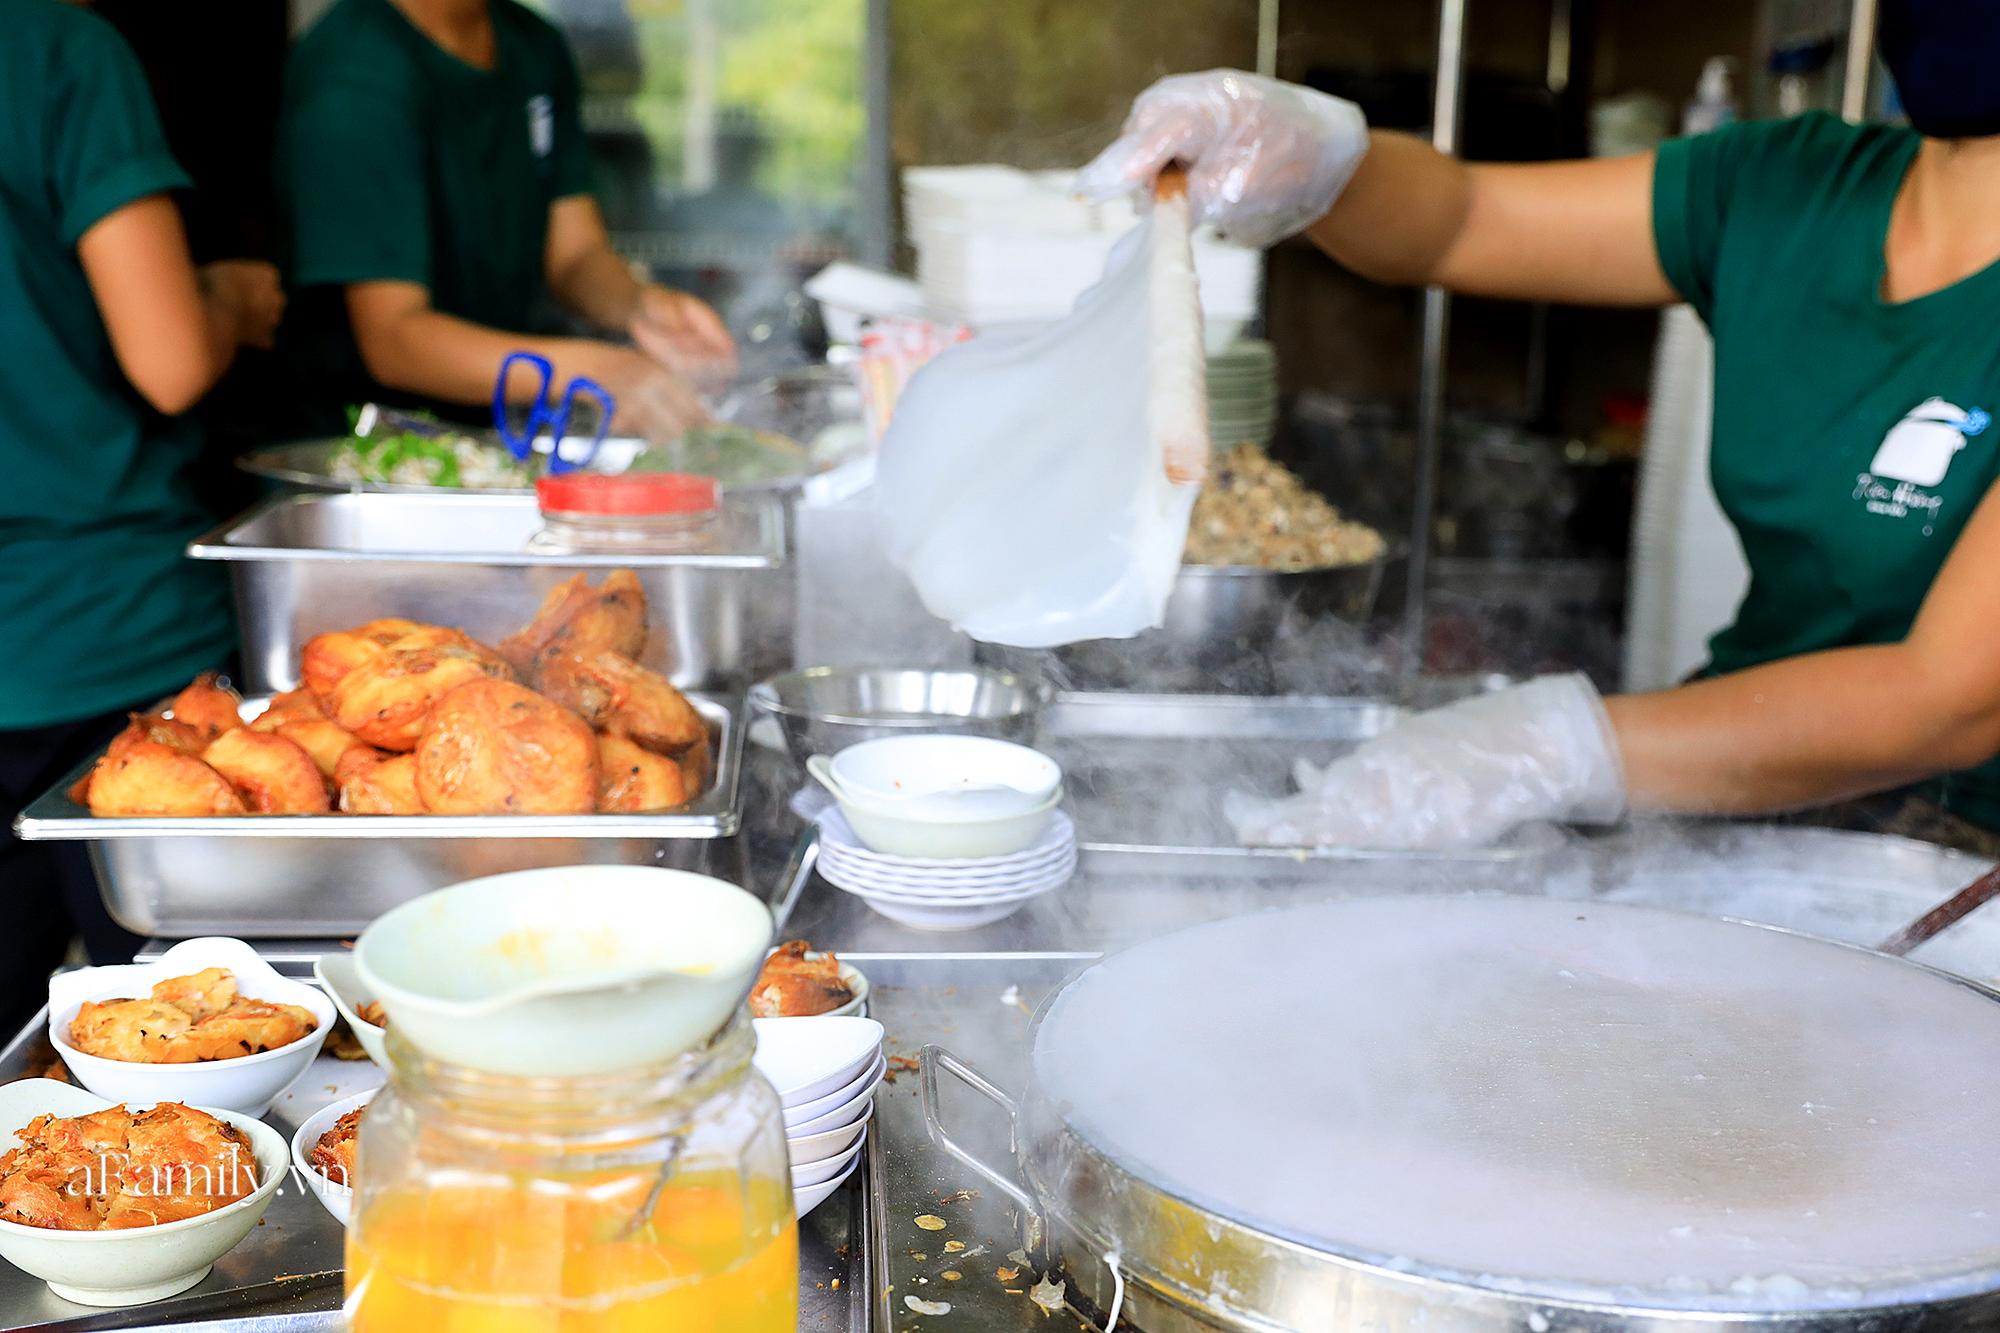 """""""Nuốt nước miếng"""" không kịp với 7 món ăn từ ấm đến nóng dành cho những ngày Sài Gòn mát trời hiếm hoi lại hay thèm ăn như thế này! - Ảnh 3."""